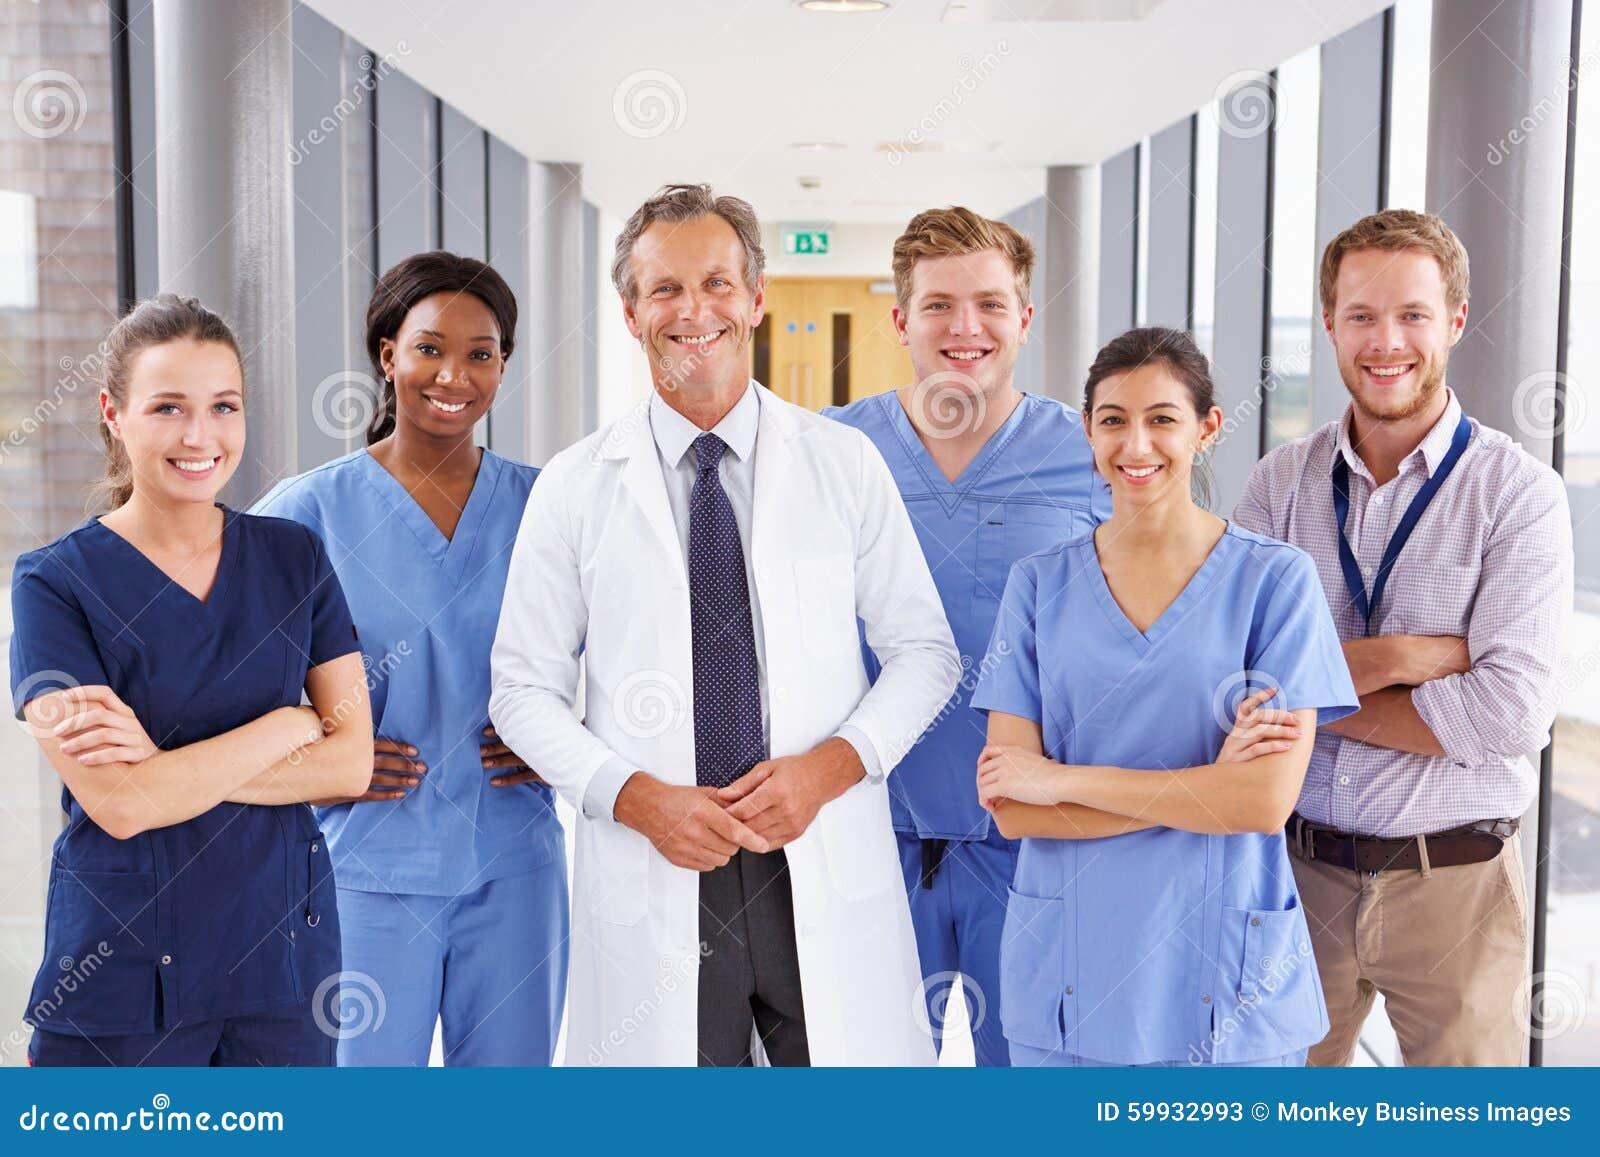 Портрет медицинской бригады стоя в коридоре больницы